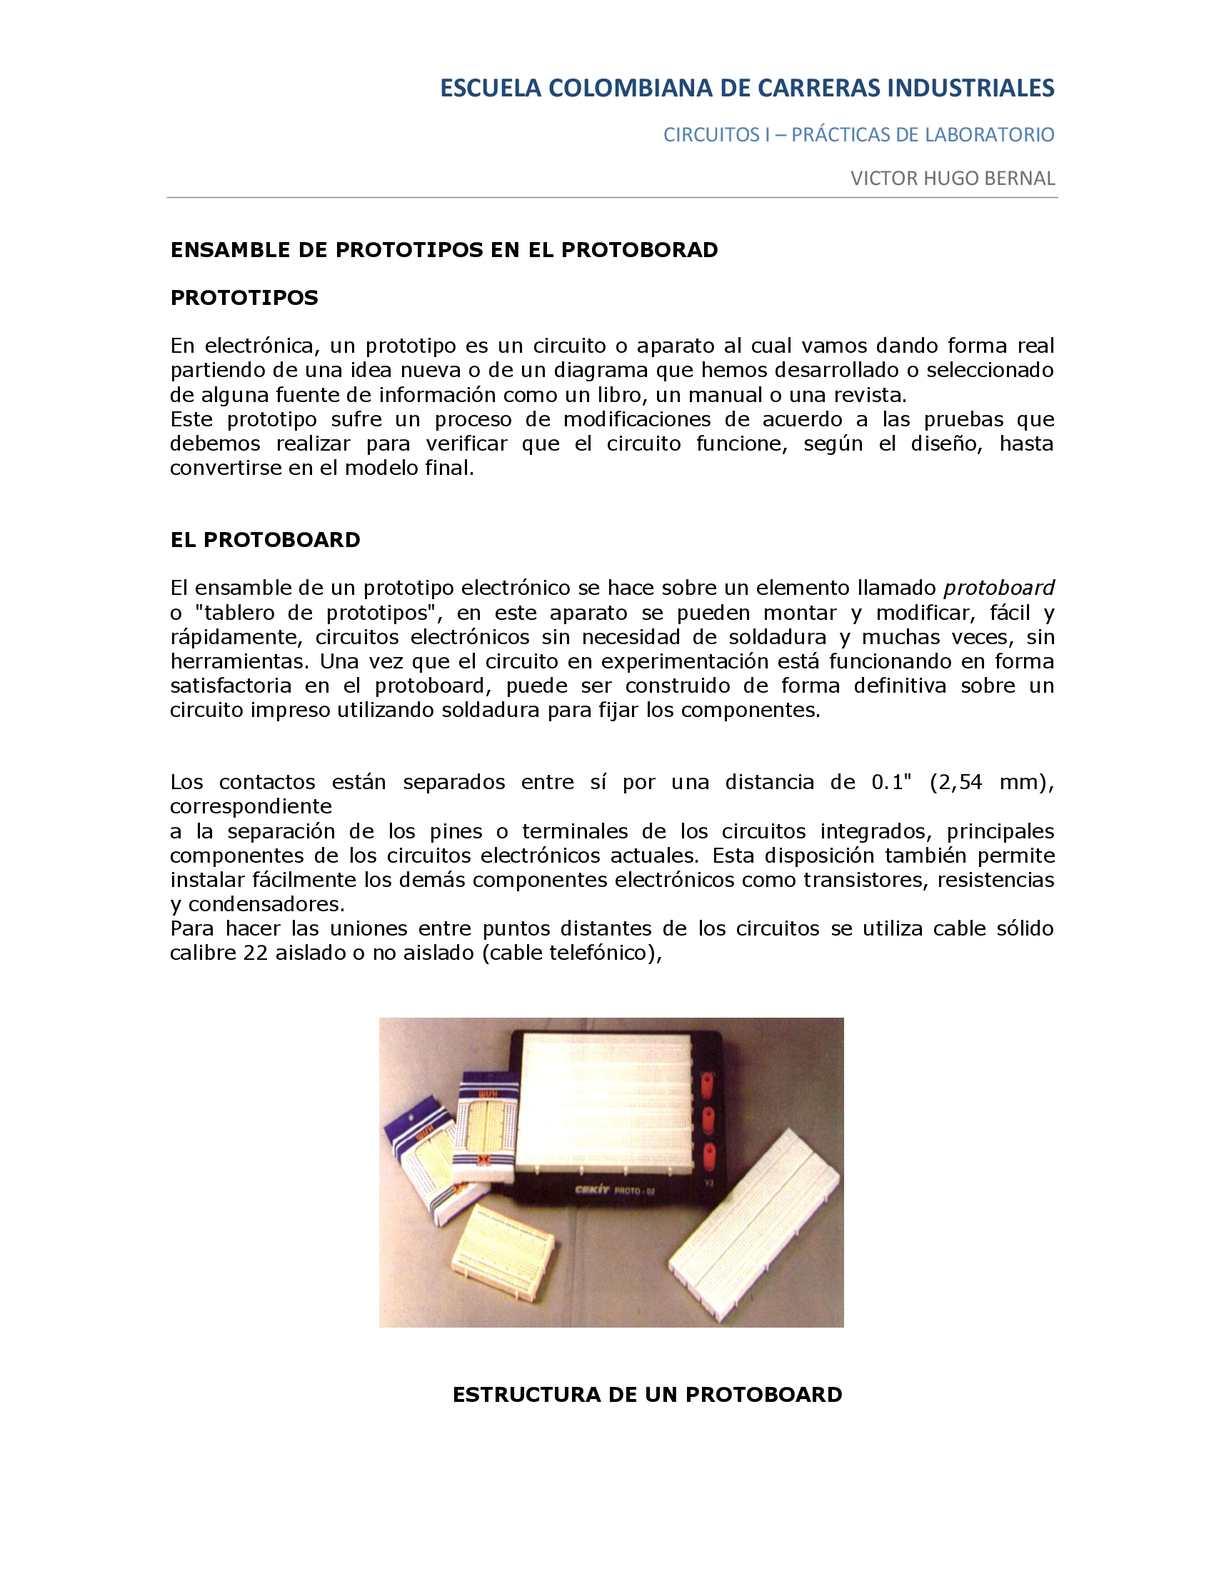 Circuito De Electronica : Usershop argentina electrónica conceptos básicos y diseño de